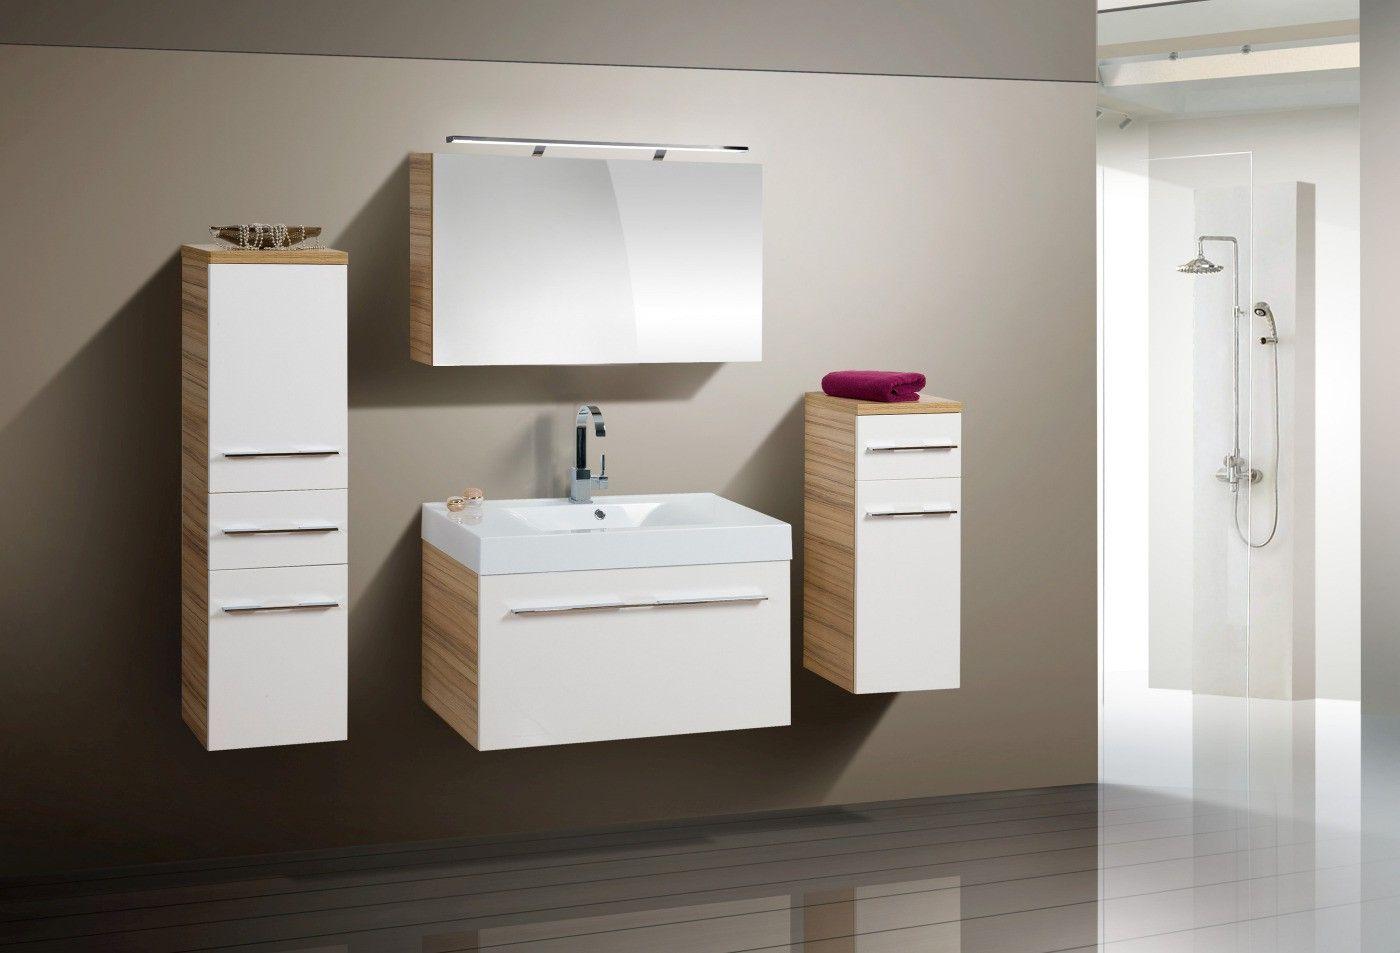 doppelwaschbecken mit unterschrank und spiegelschrank. Black Bedroom Furniture Sets. Home Design Ideas